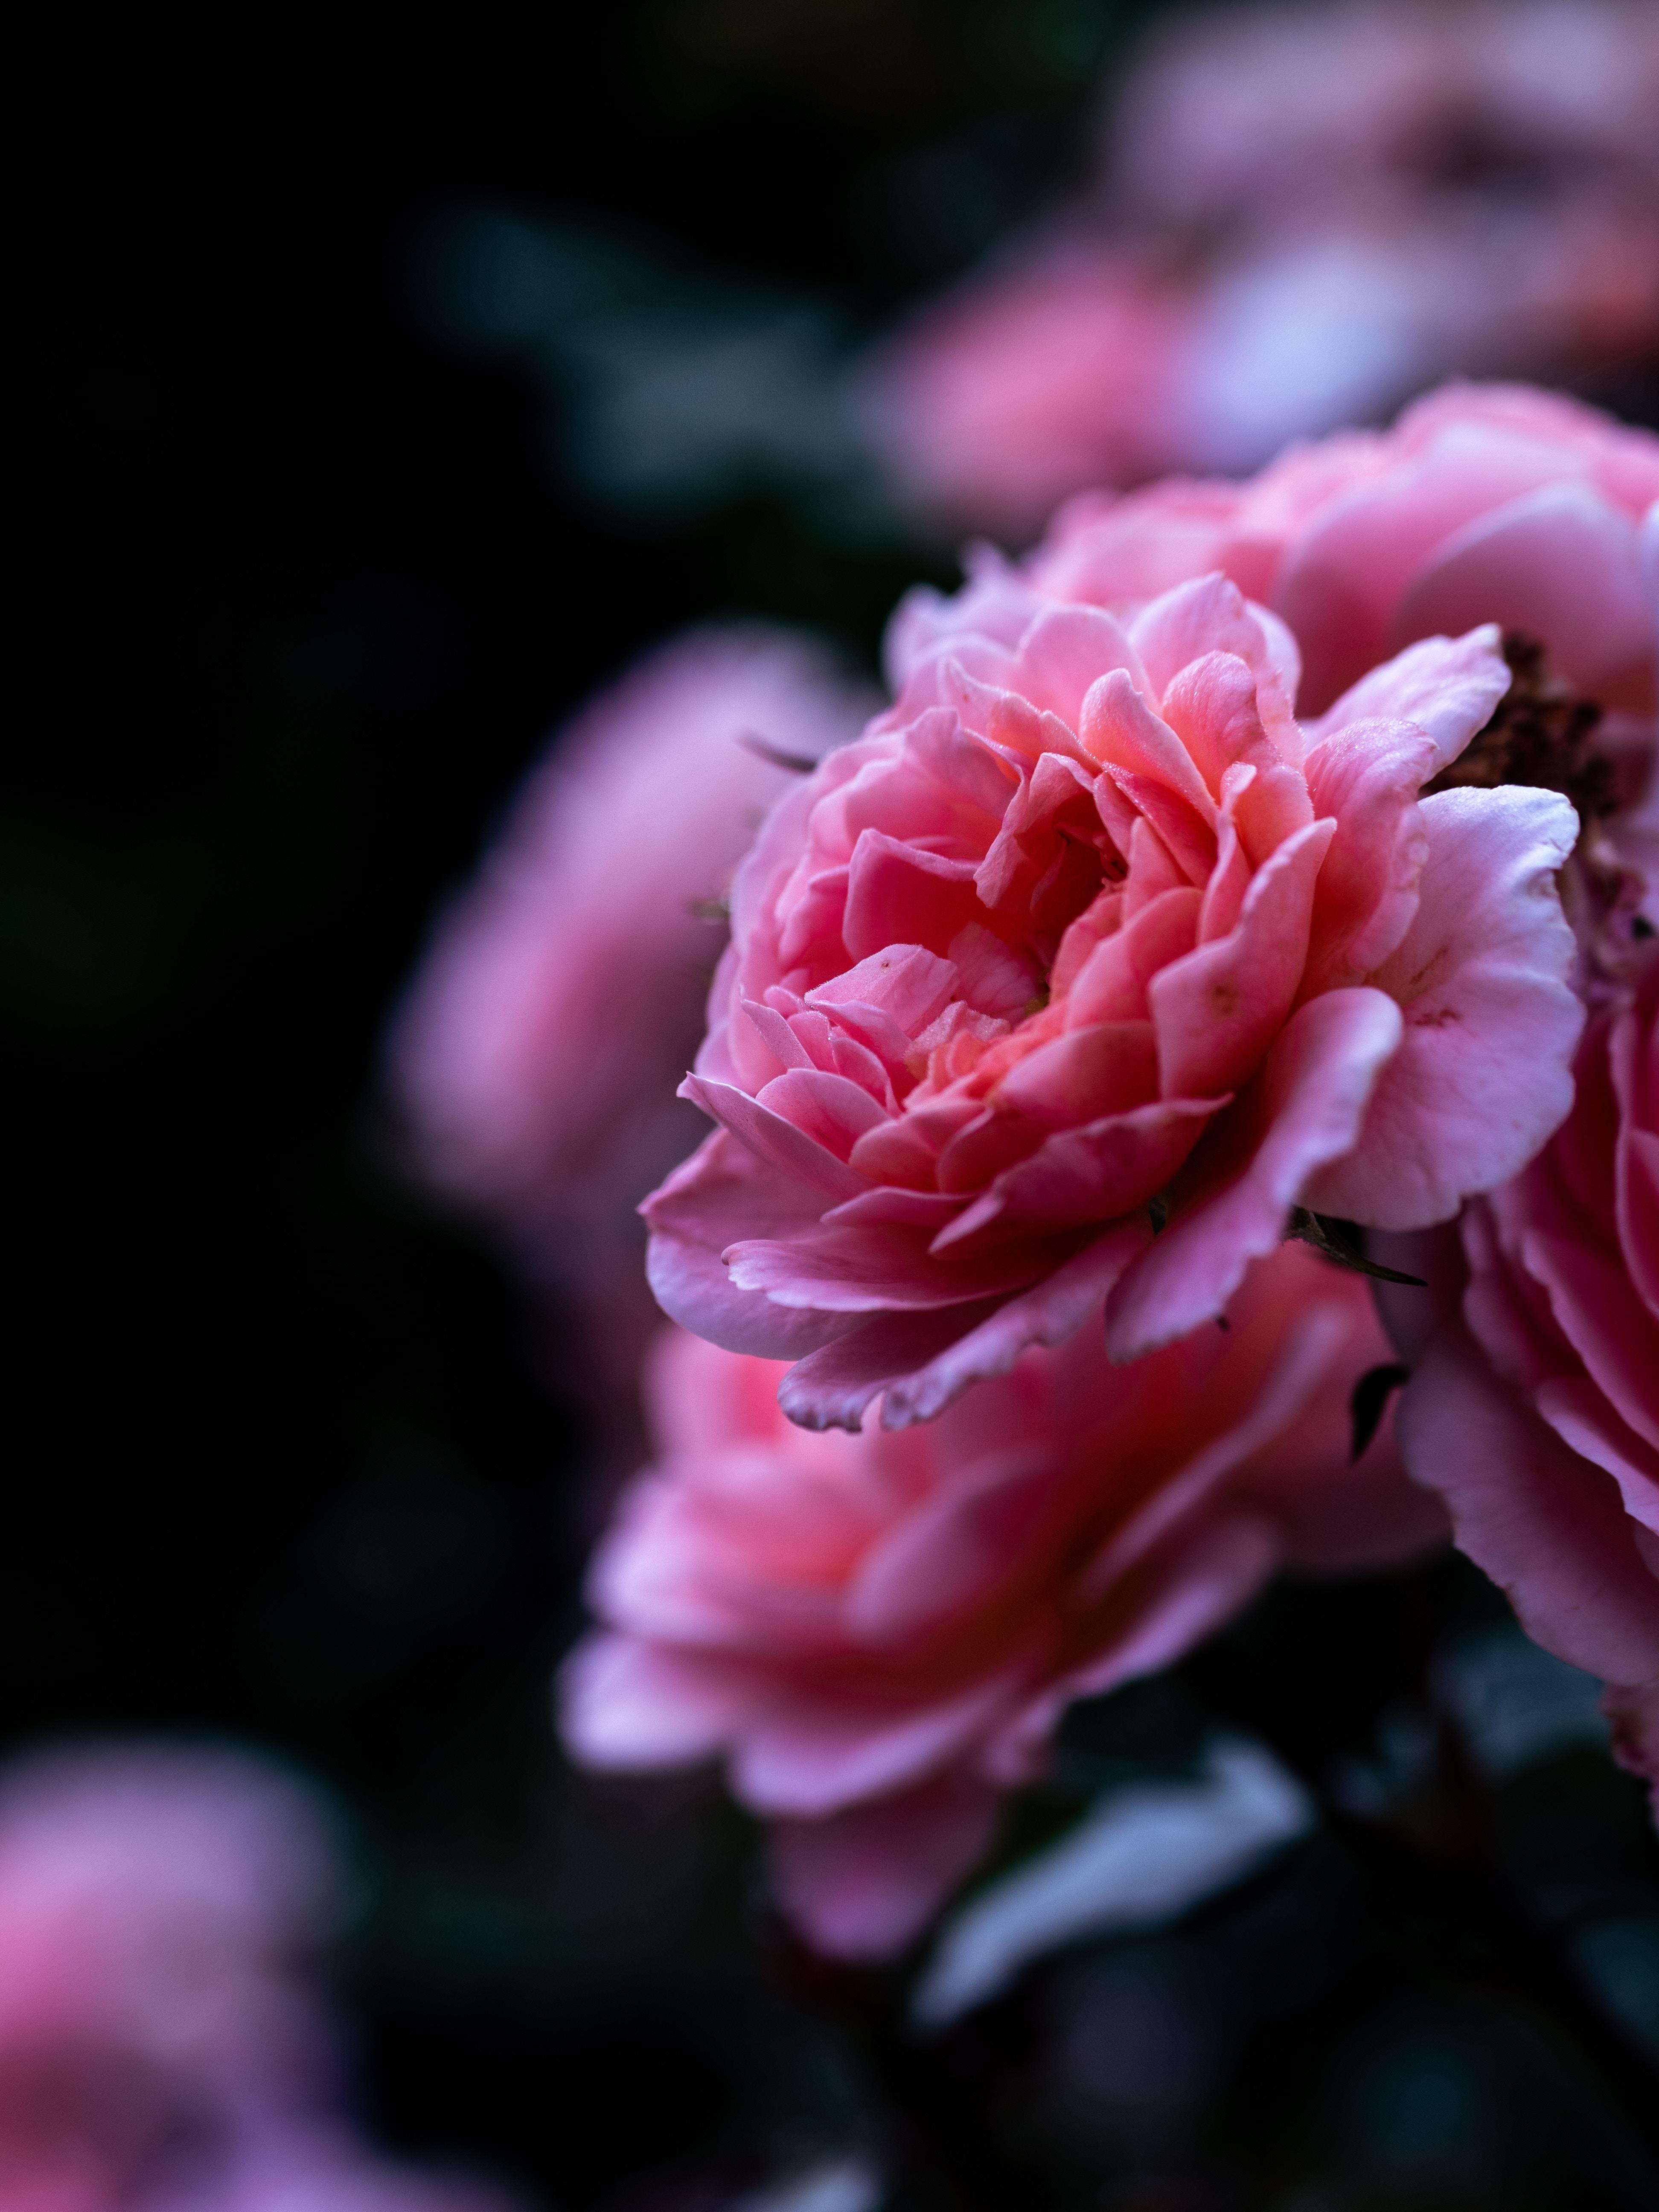 78806 скачать обои Крупный План, Цветок, Макро, Роза, Лепестки, Розовый - заставки и картинки бесплатно